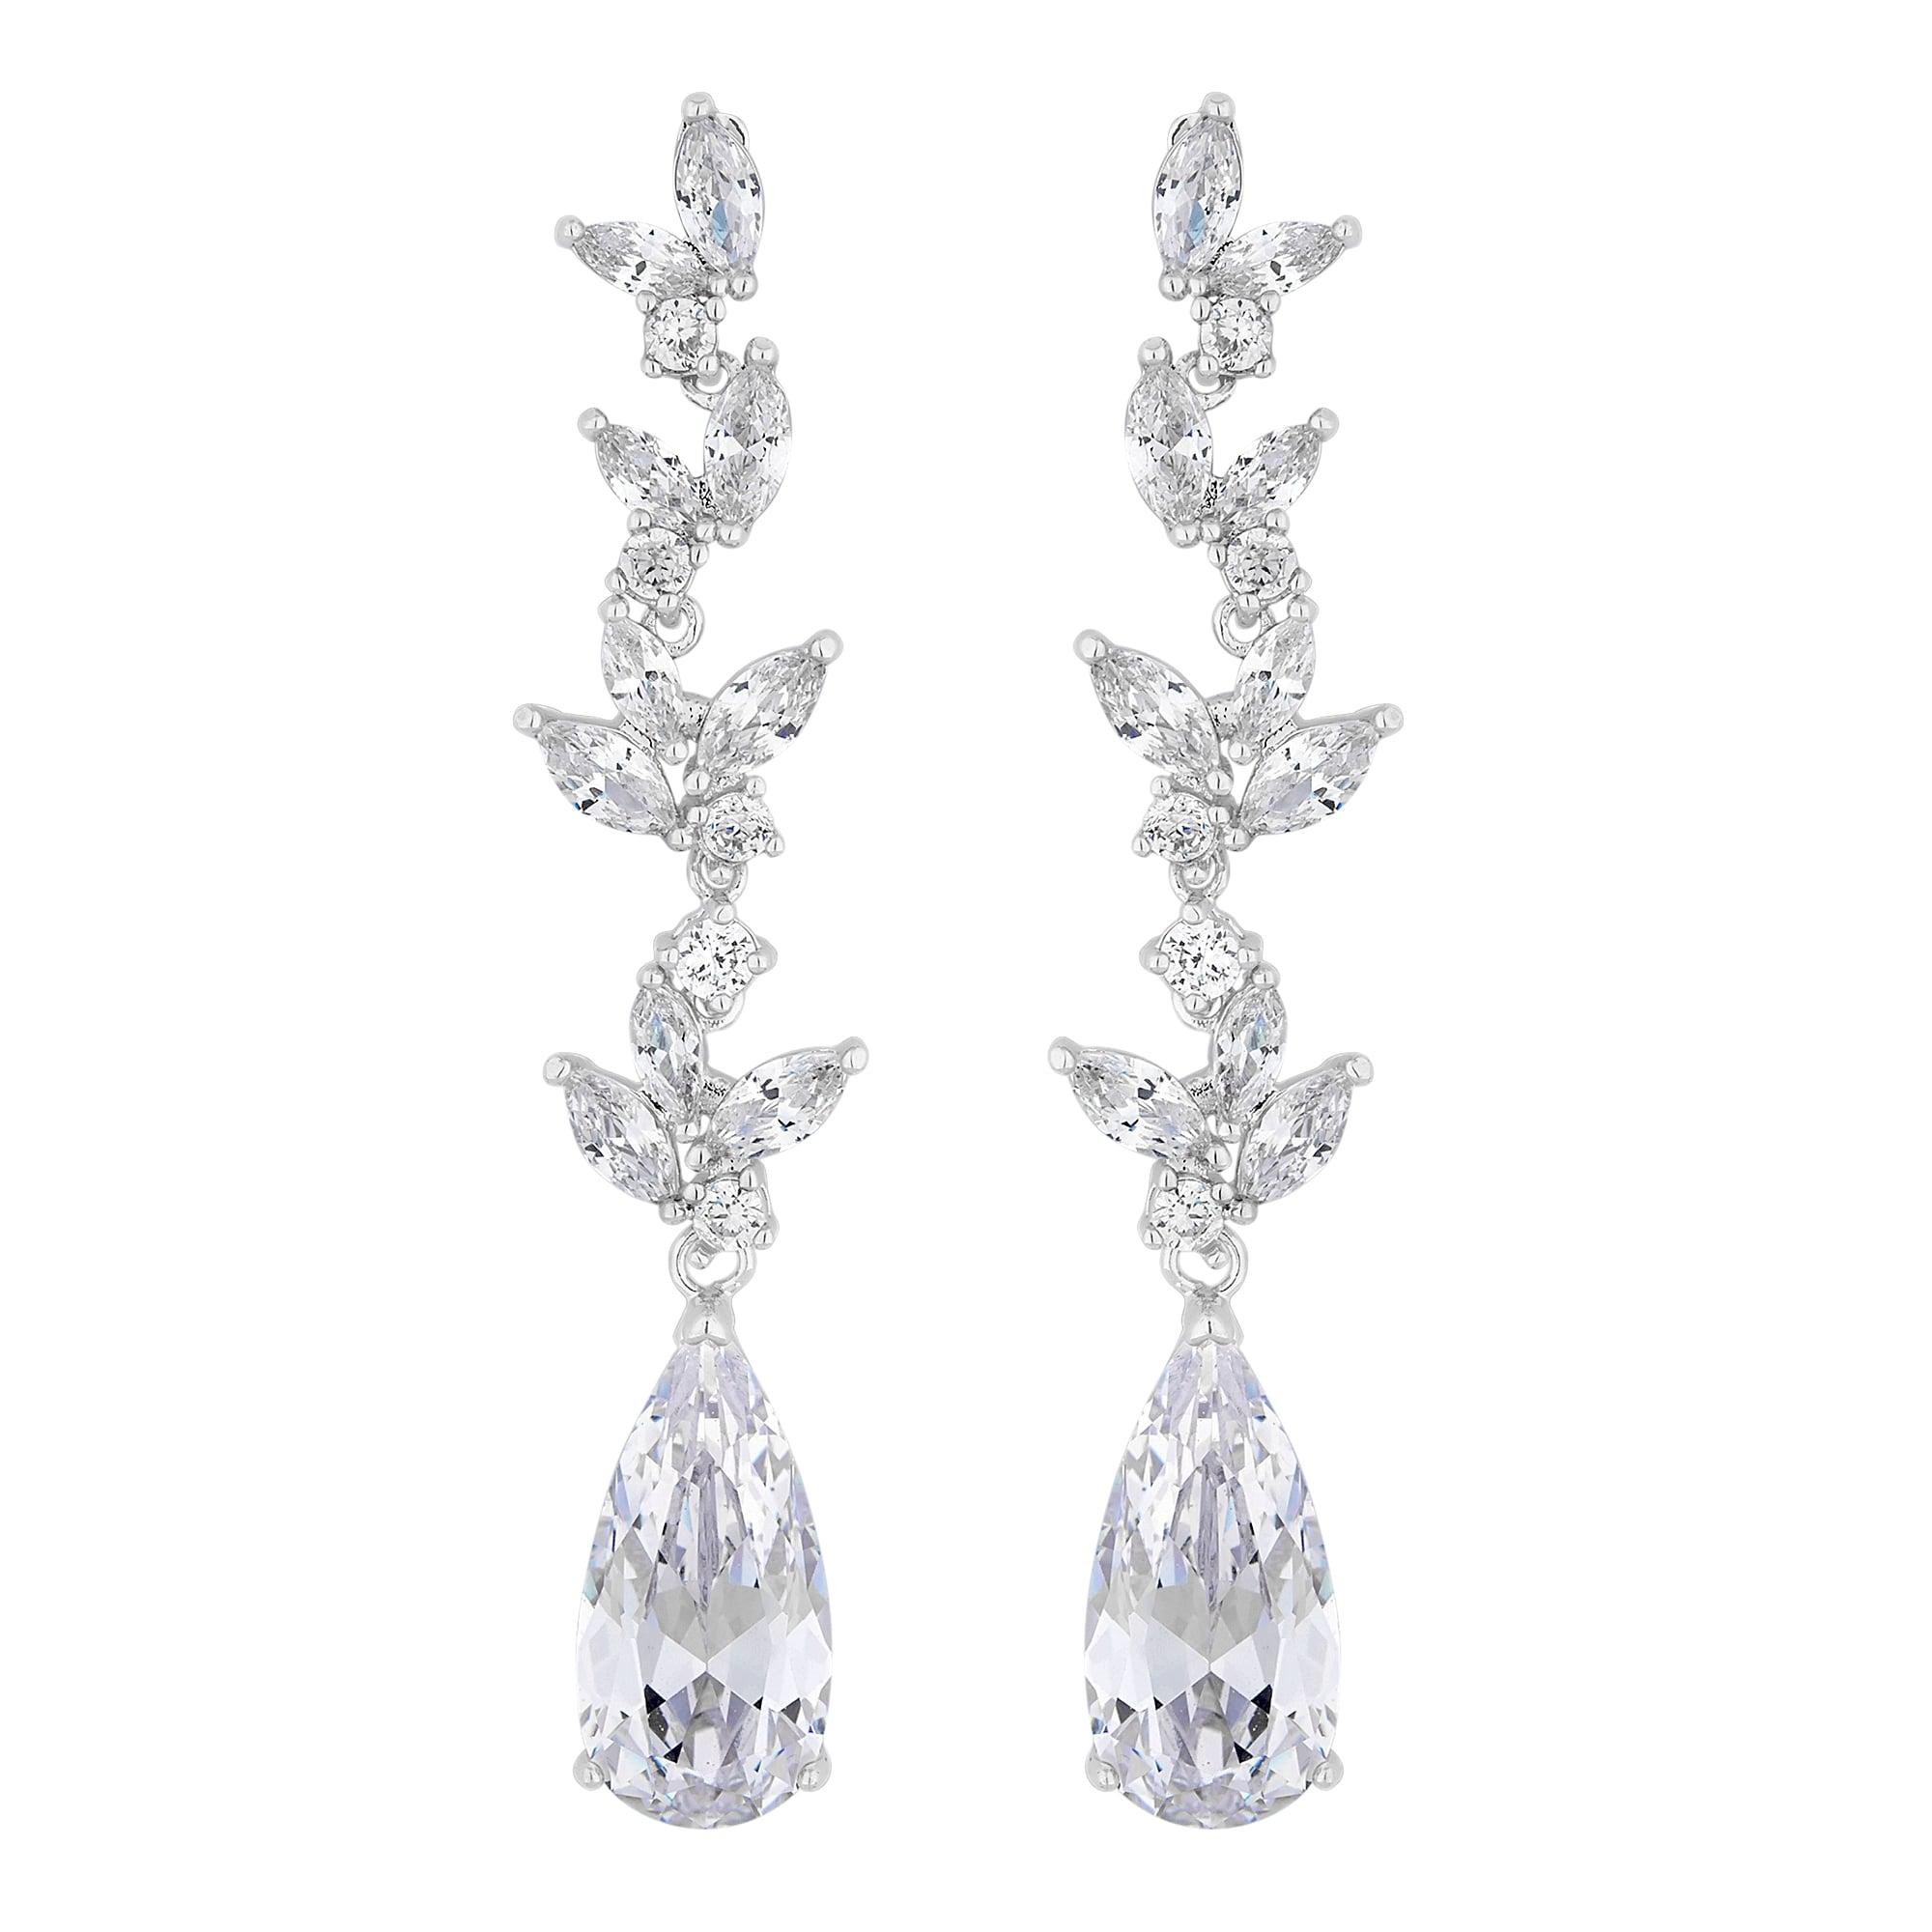 Lily Silver Cubic Zirconia Pear Drop Earrings